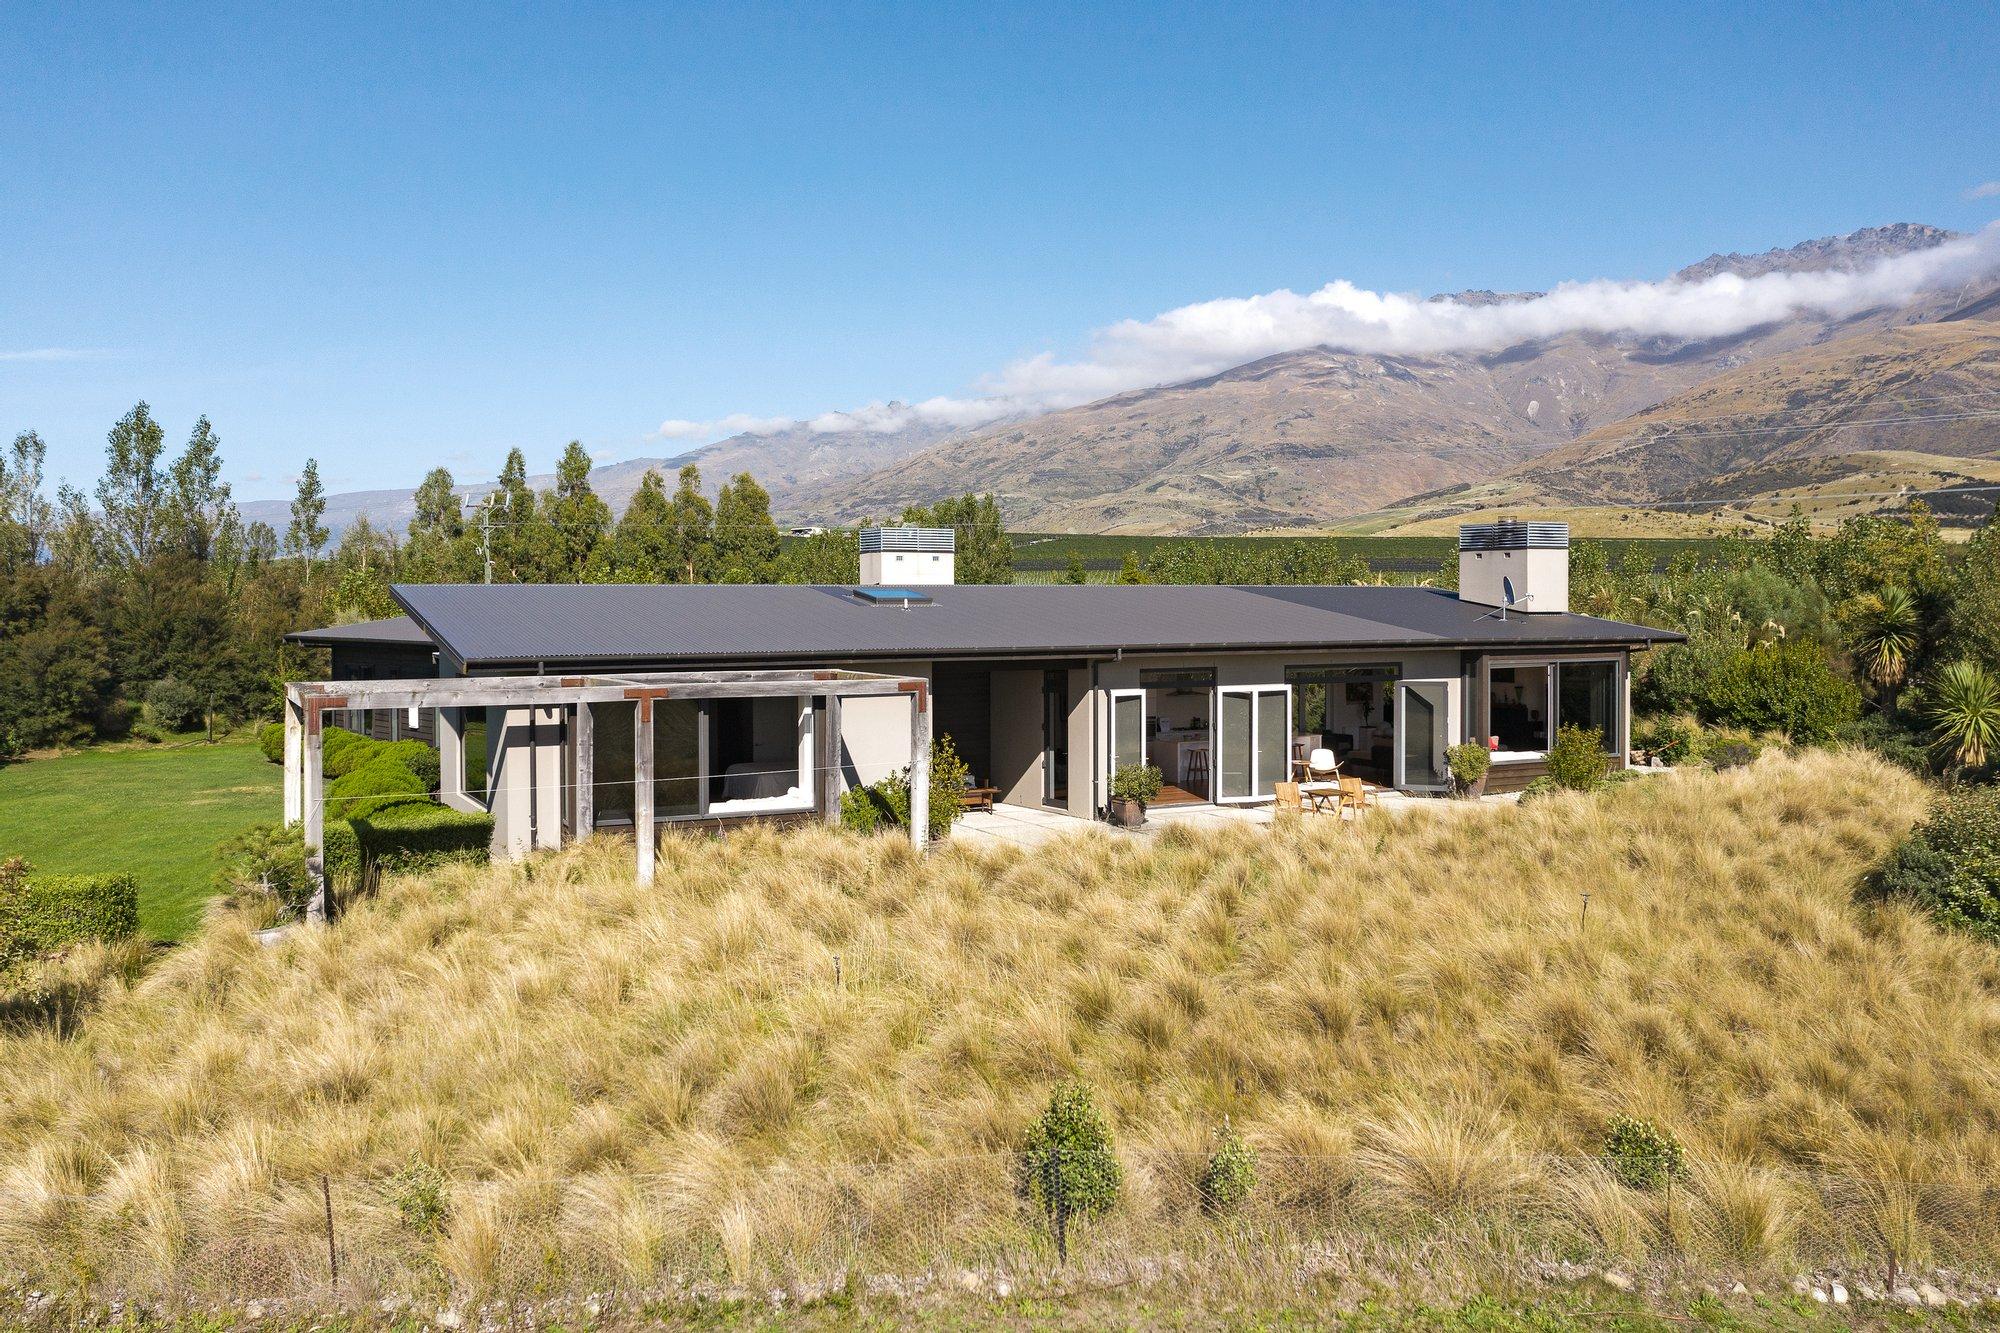 House in Queensberry, Otago, New Zealand 1